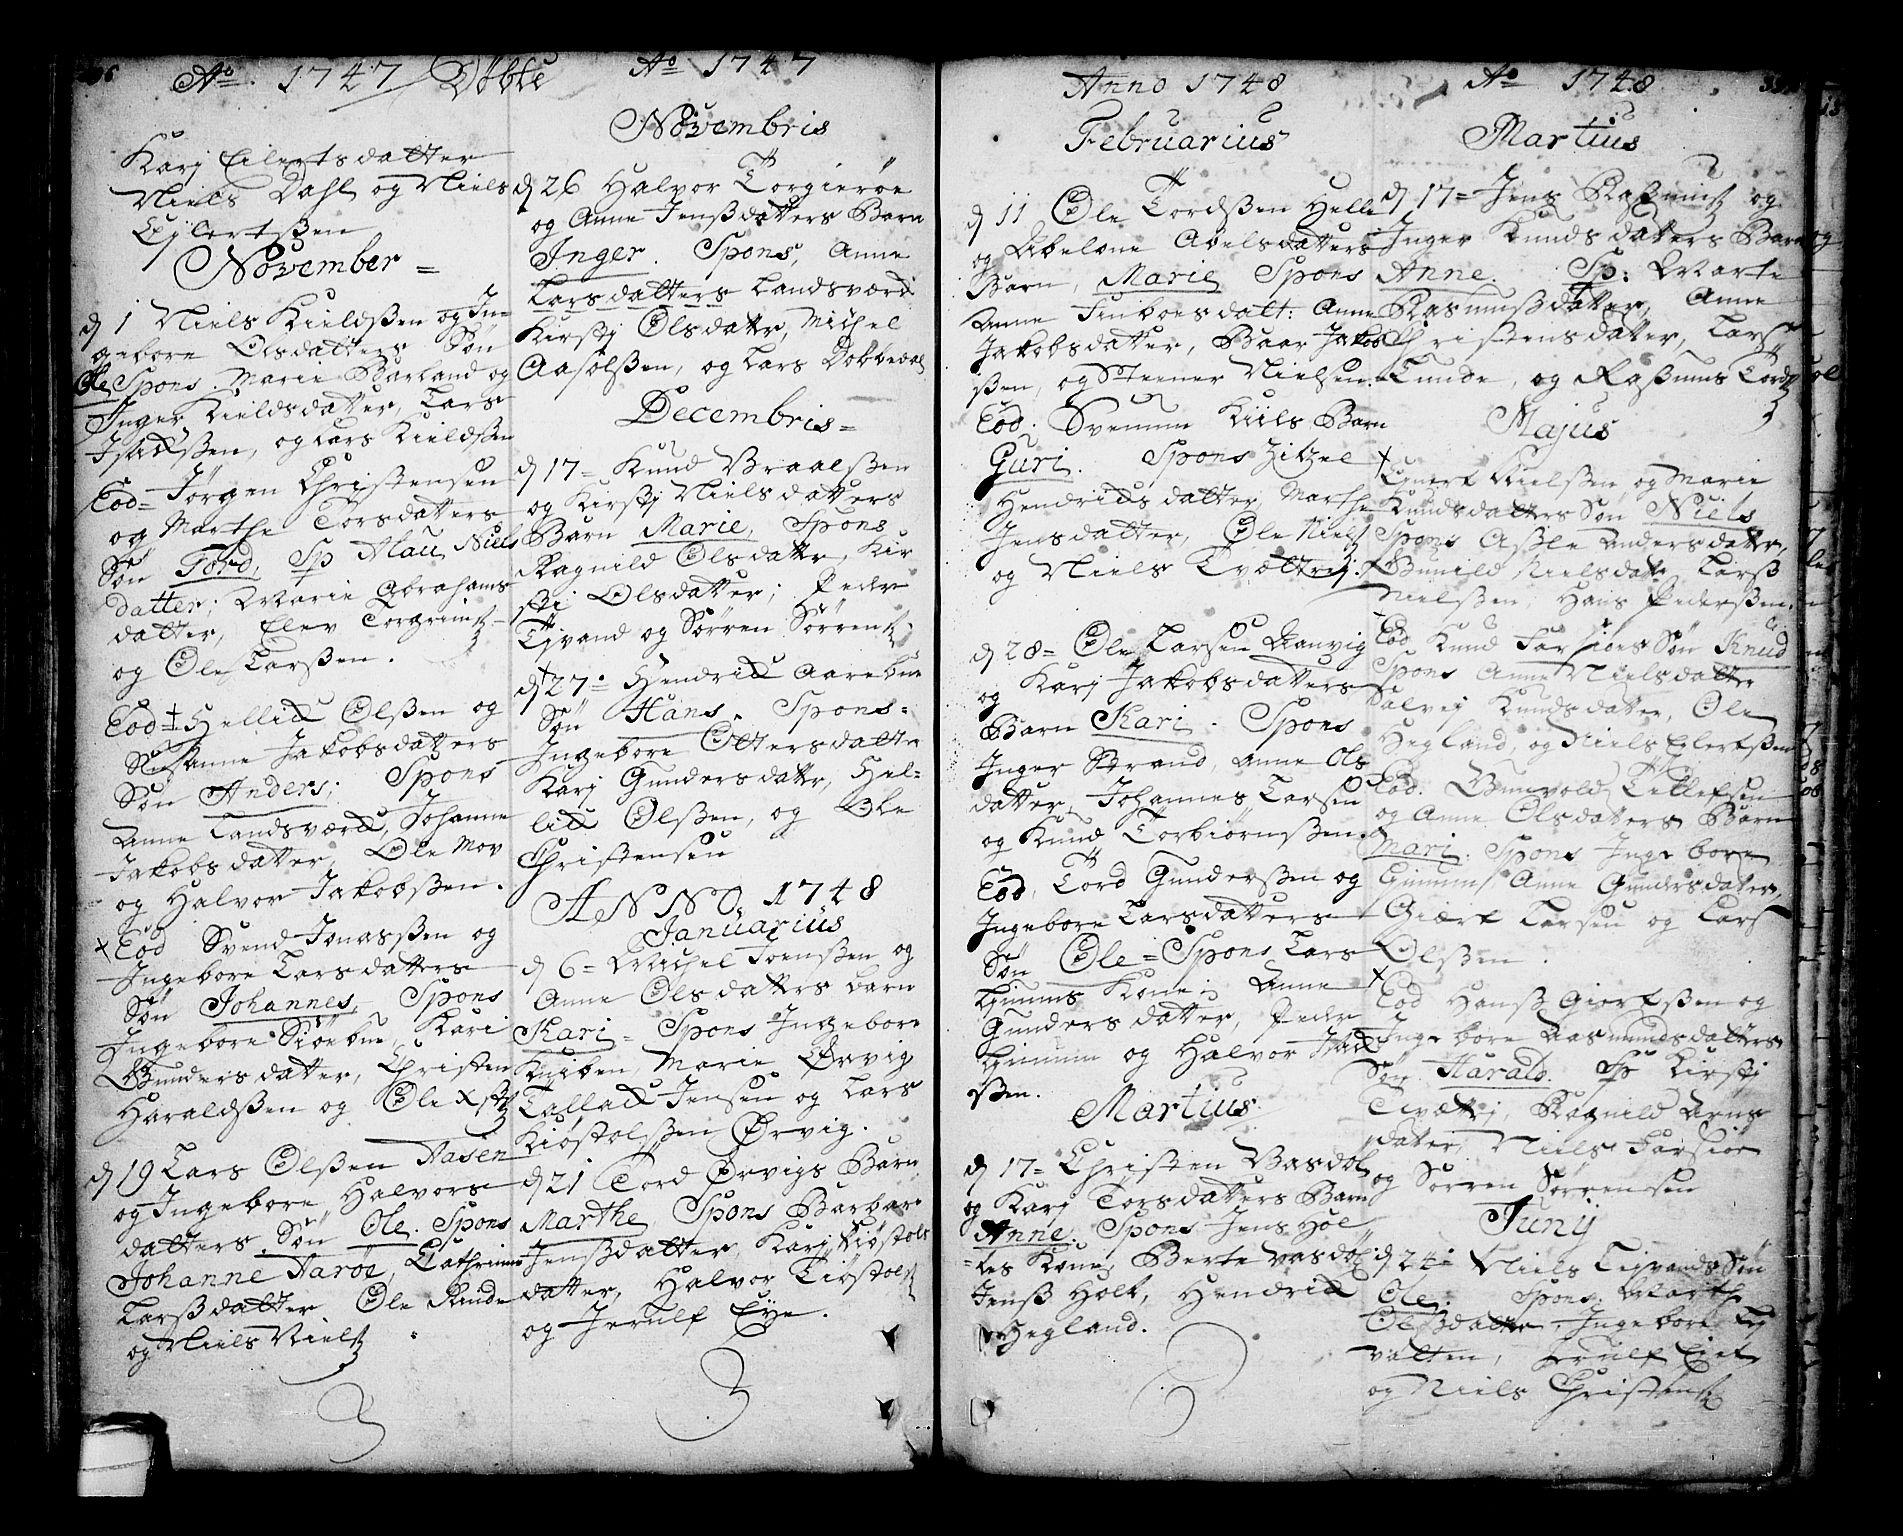 SAKO, Sannidal kirkebøker, F/Fa/L0001: Ministerialbok nr. 1, 1702-1766, s. 196-197